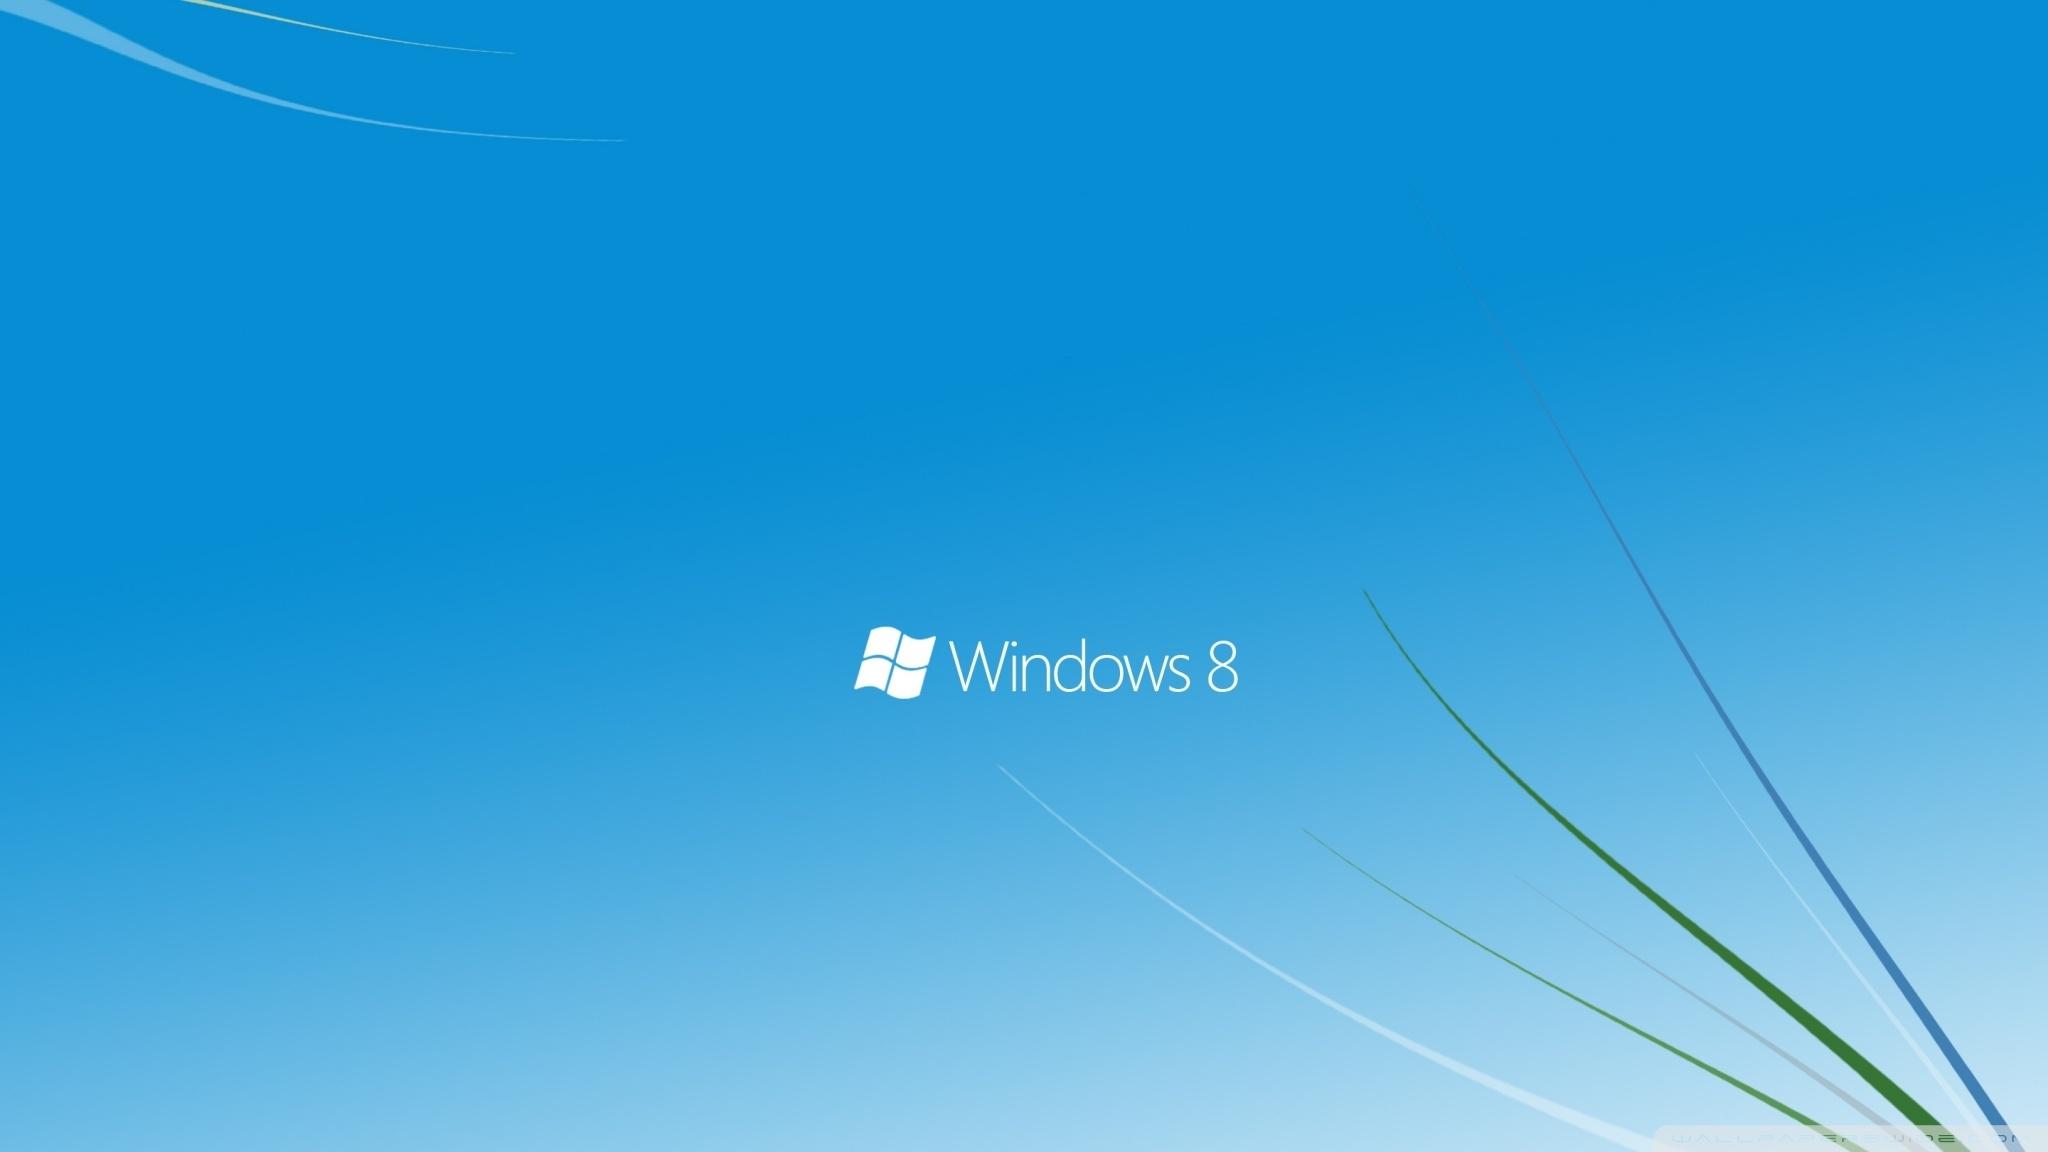 windows 8 logo ❤ 4k hd desktop wallpaper for 4k ultra hd tv